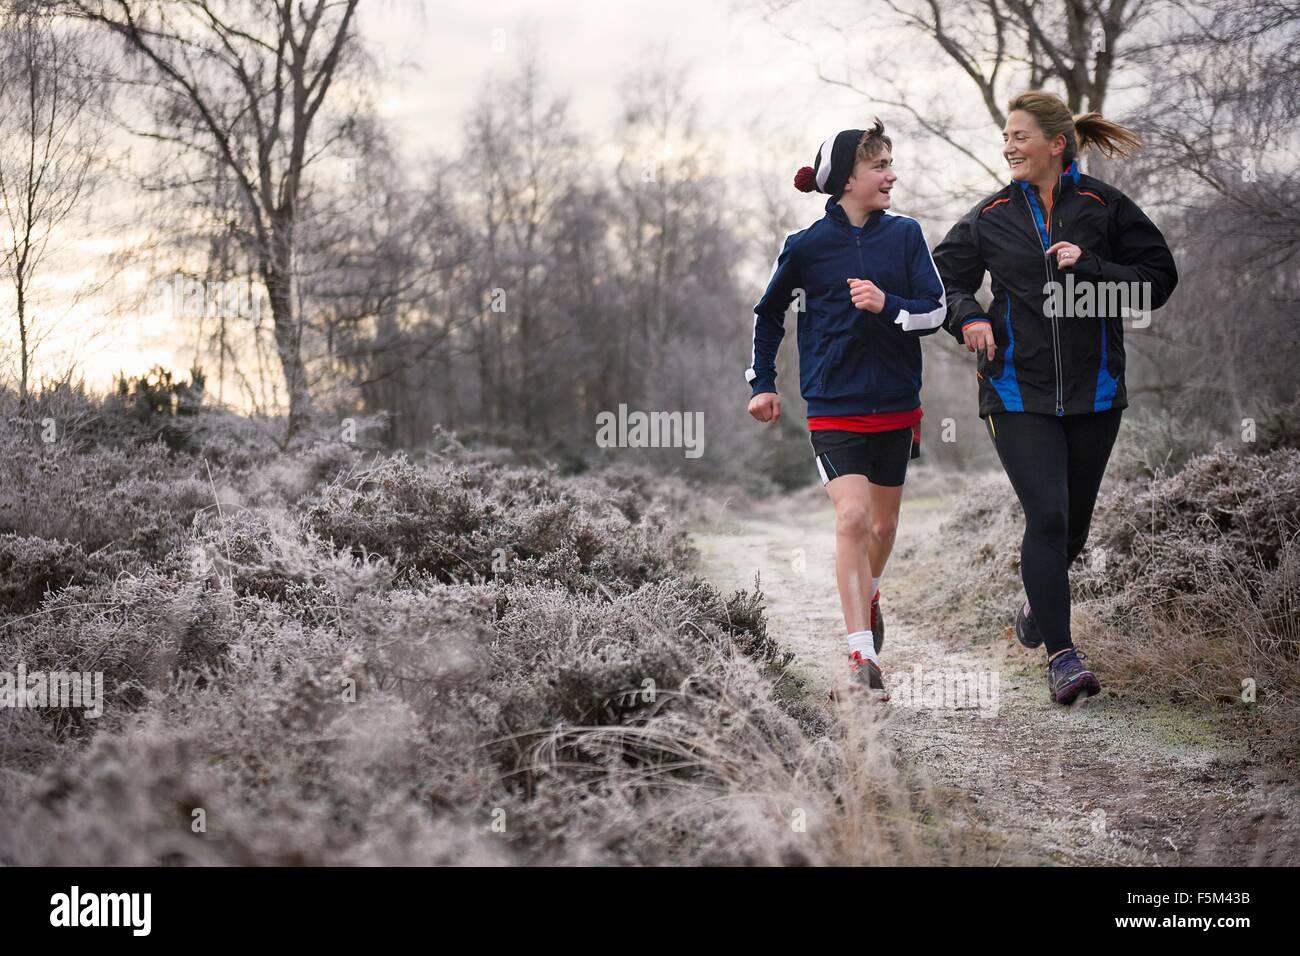 Vue avant de la mère et le fils s'exécutant sur chemin glacial face à face smiling Photo Stock